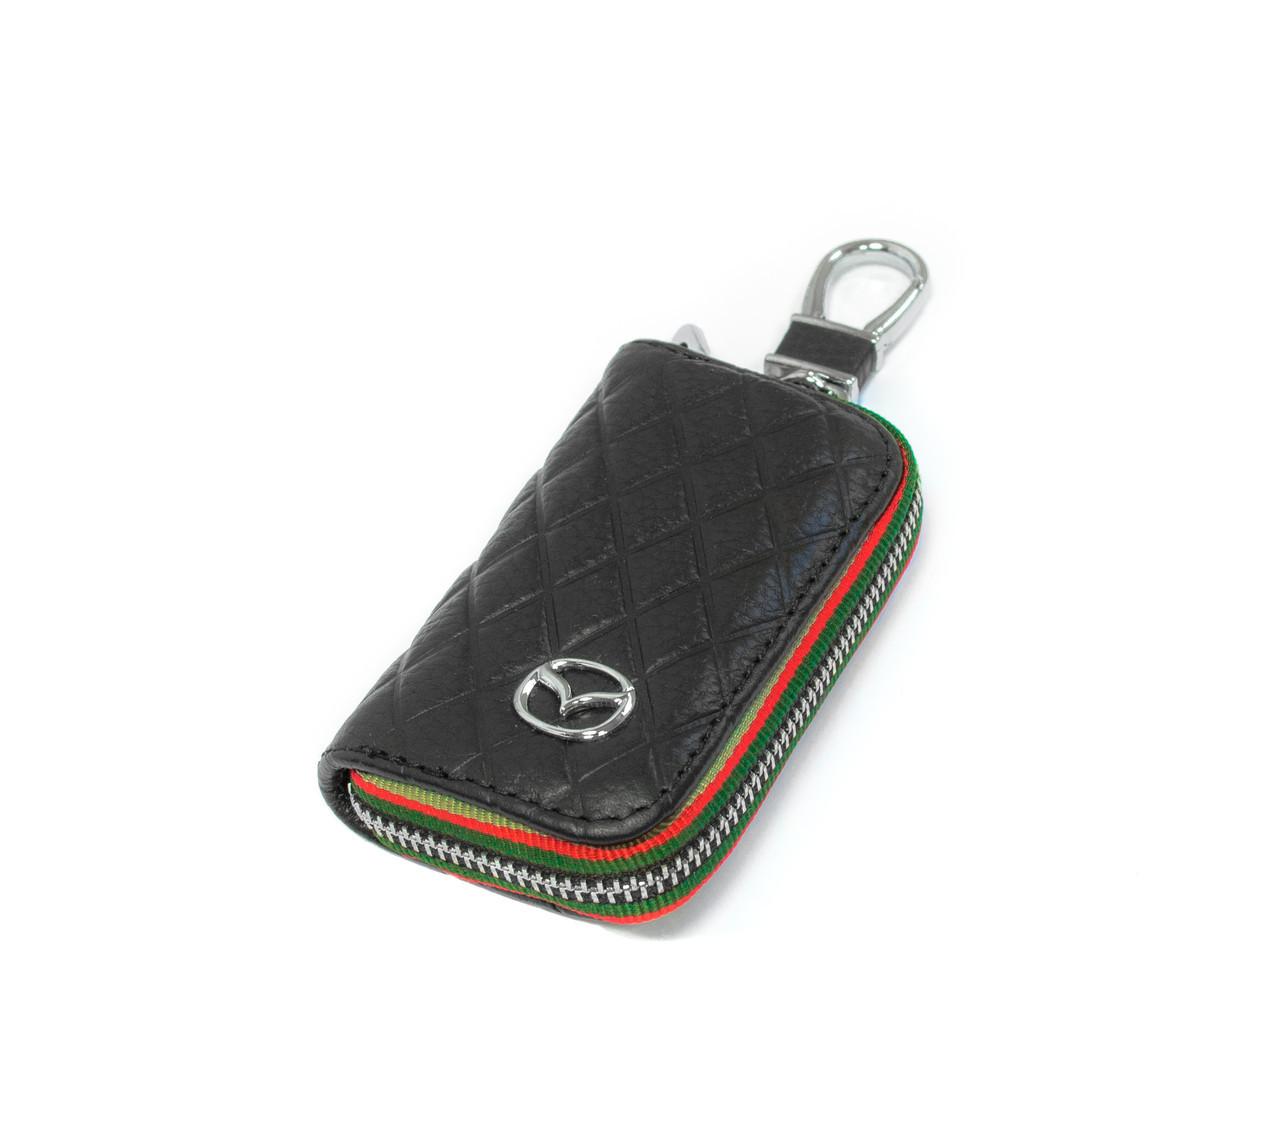 Ключниця Carss з логотипом MAZDA 16009 чорна